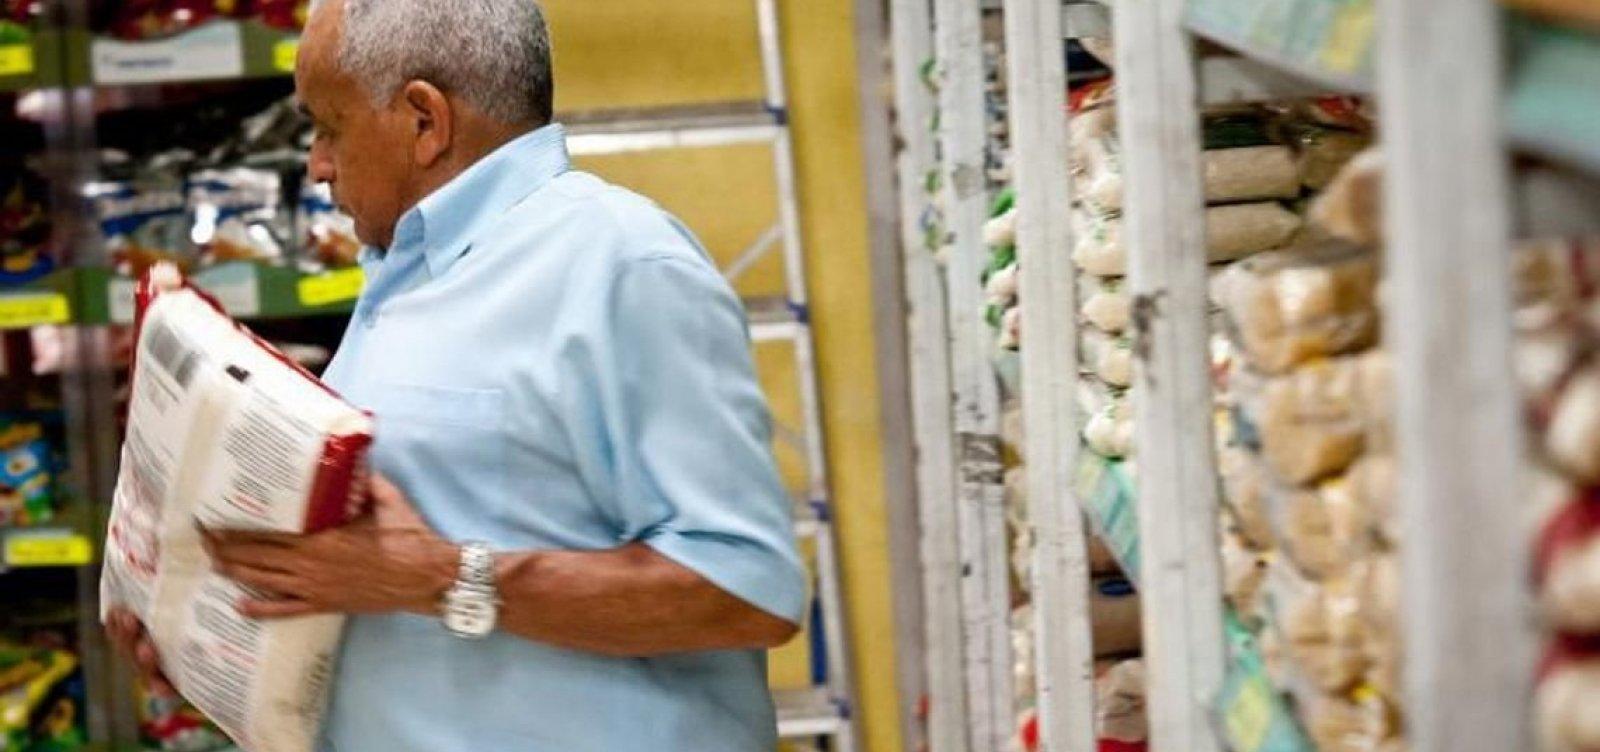 Preço da cesta básica cai em 10 capitais, indica Dieese; Salvador tem 2ª maior alta